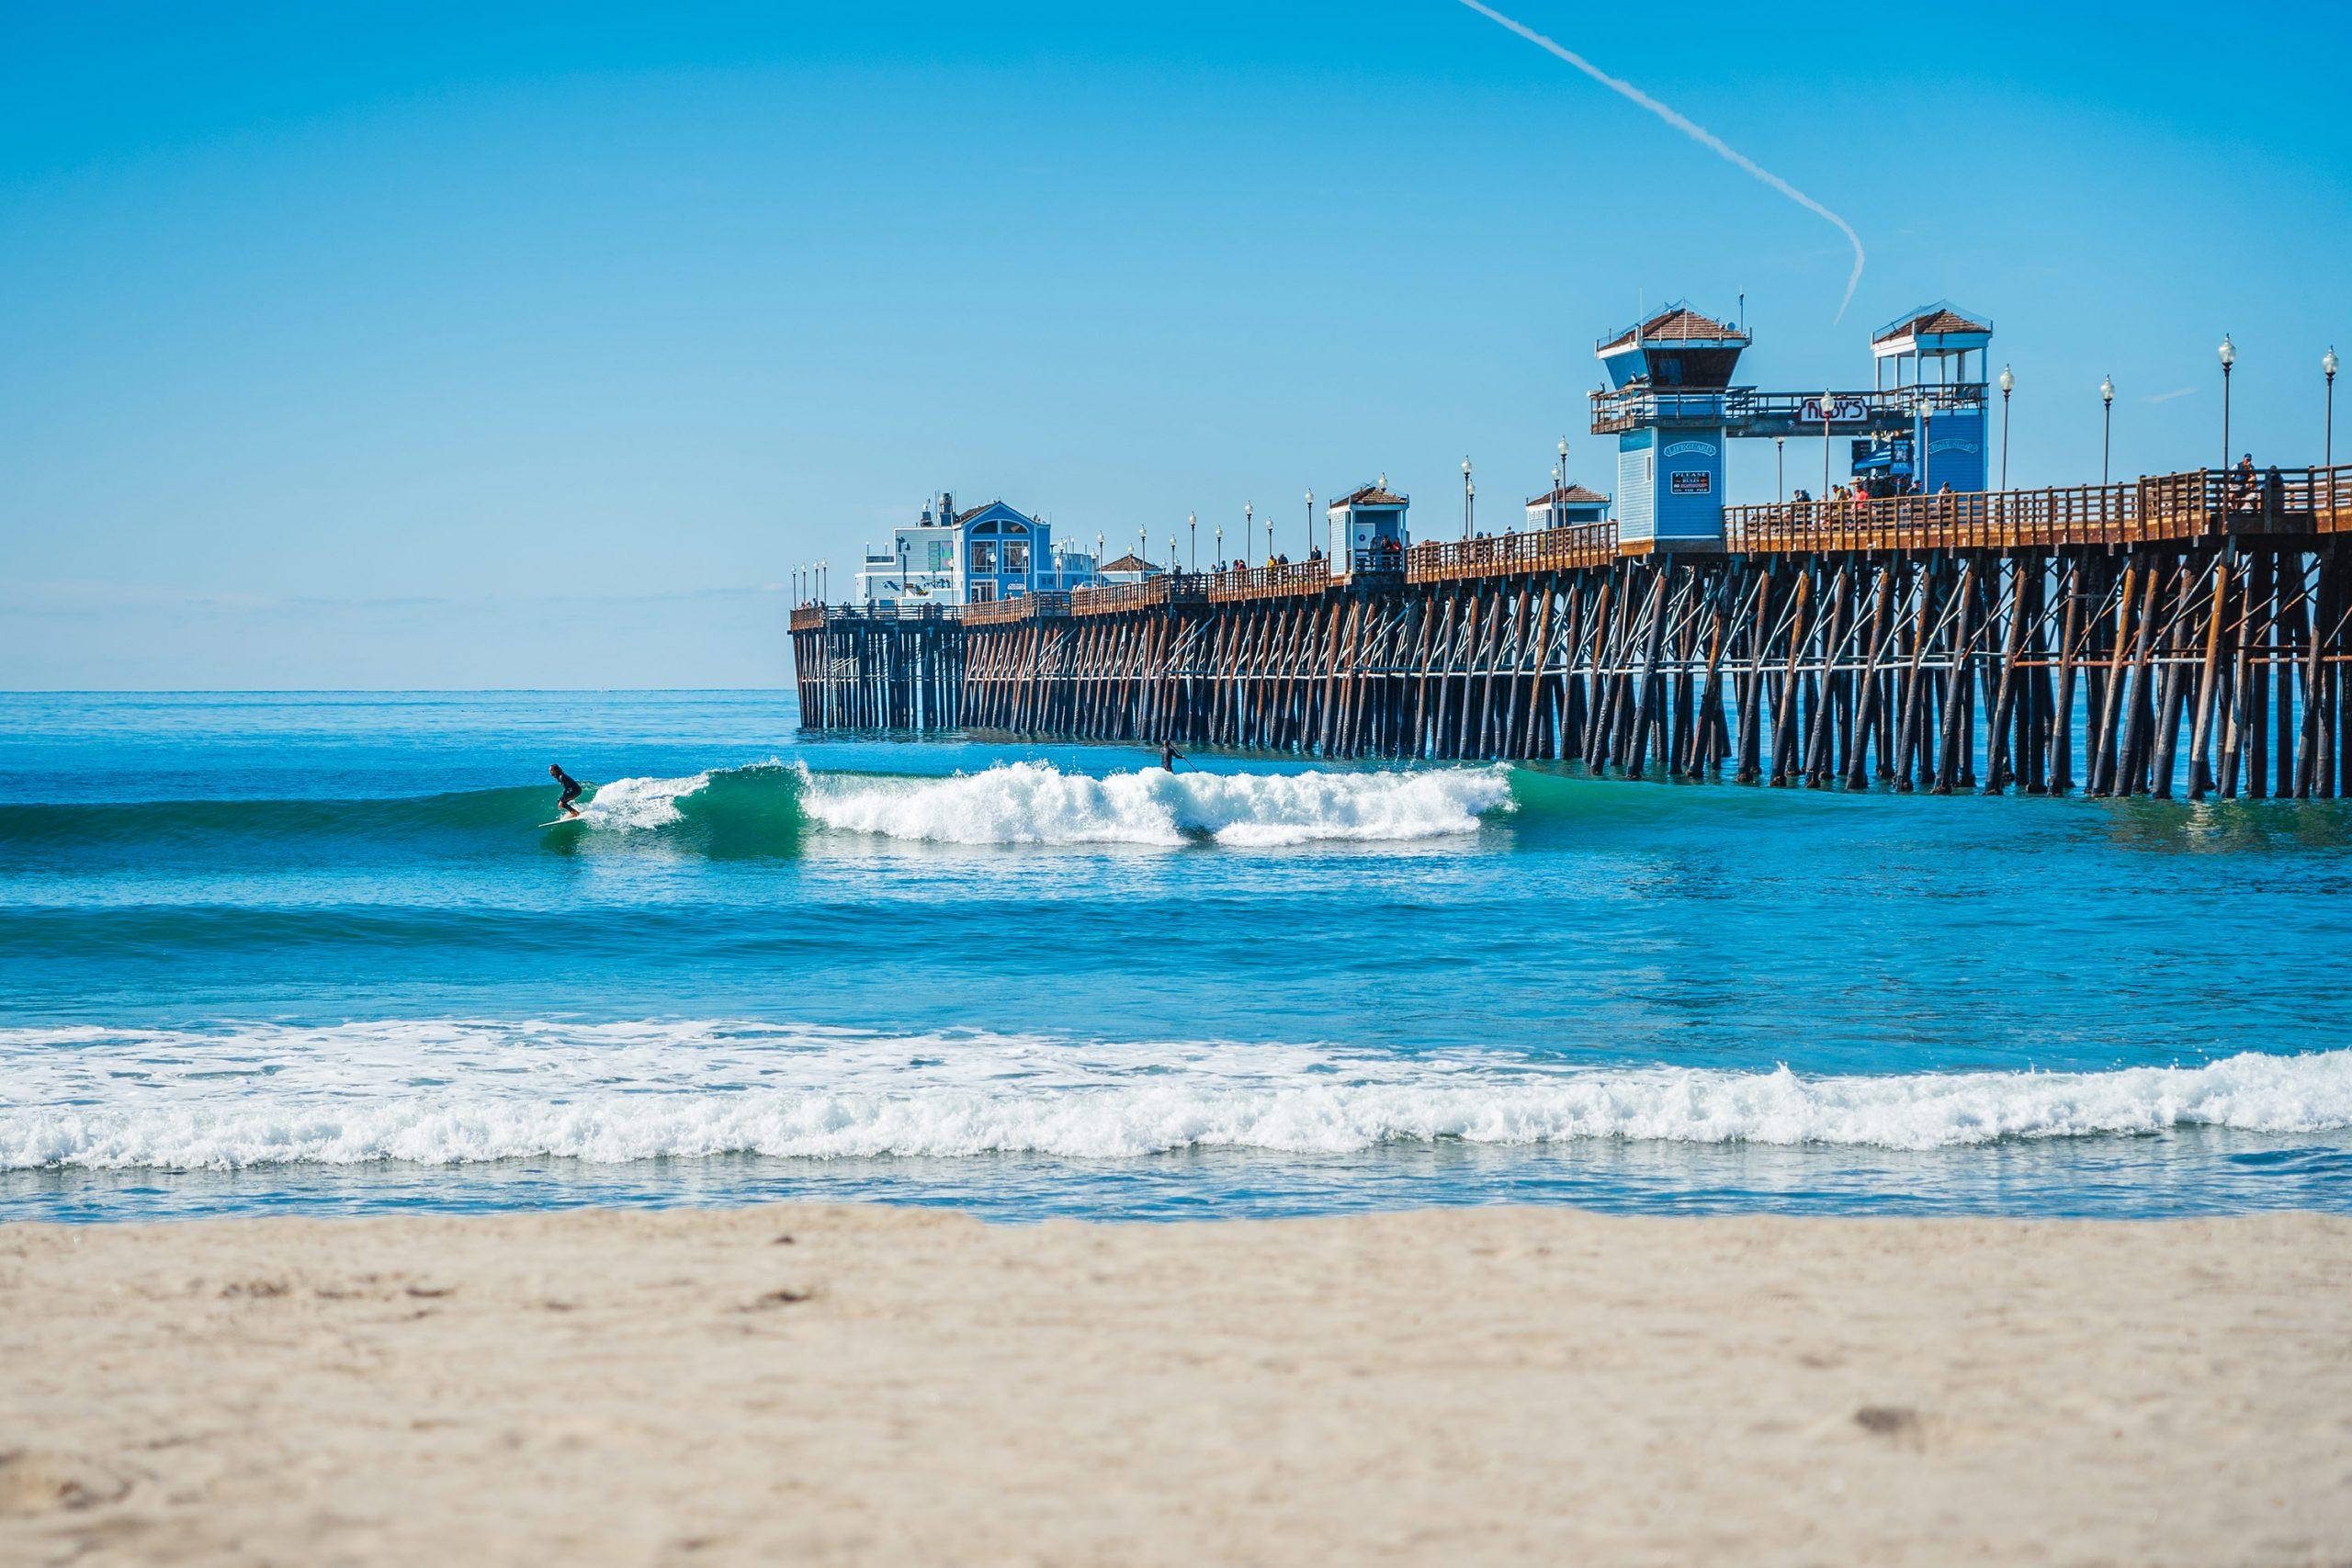 Surfing near Oceanside Pier